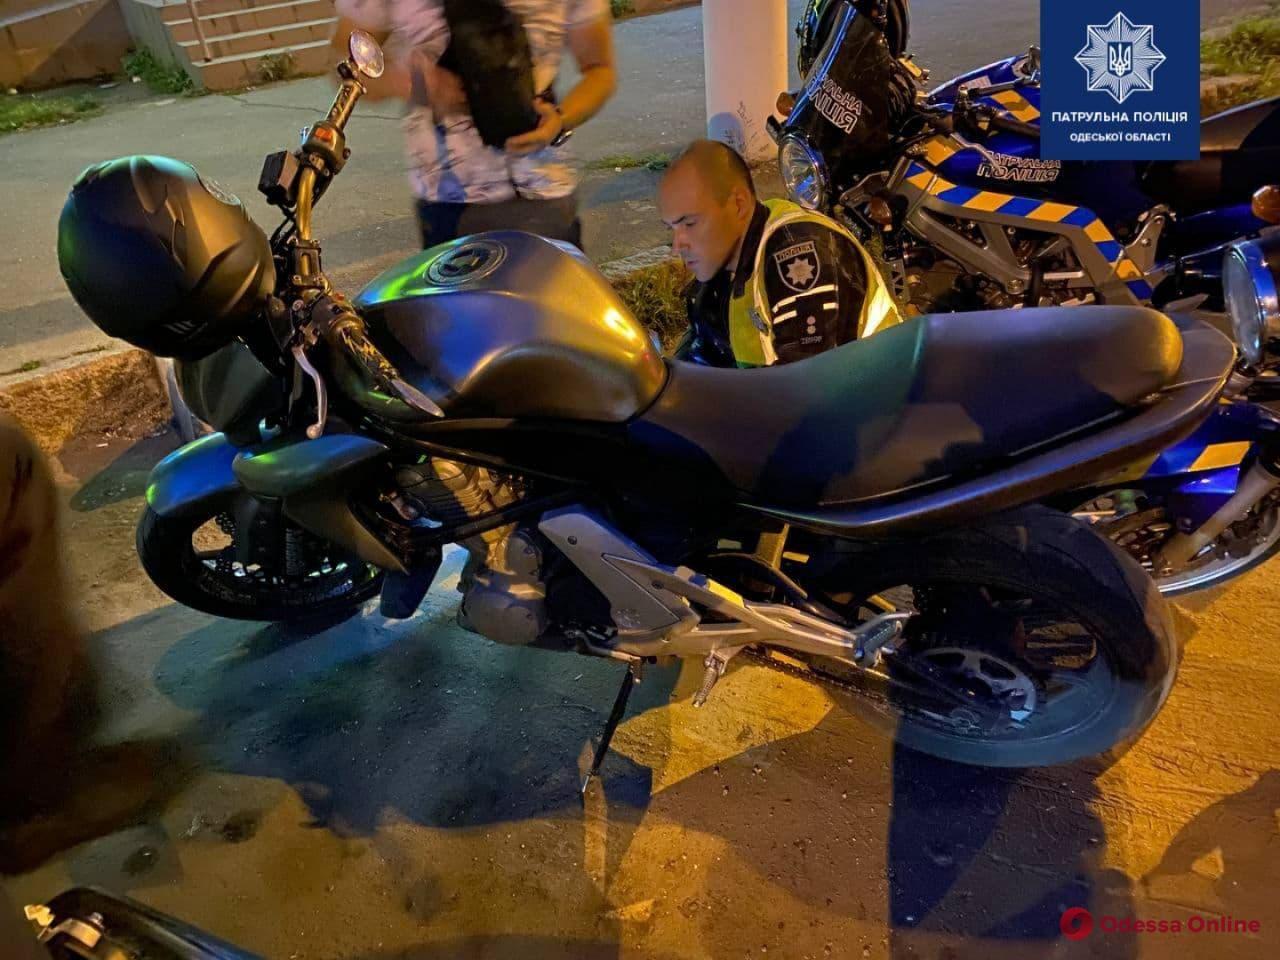 На Молдаванке поймали «шумахера» на угнанном мотоцикле и без прав